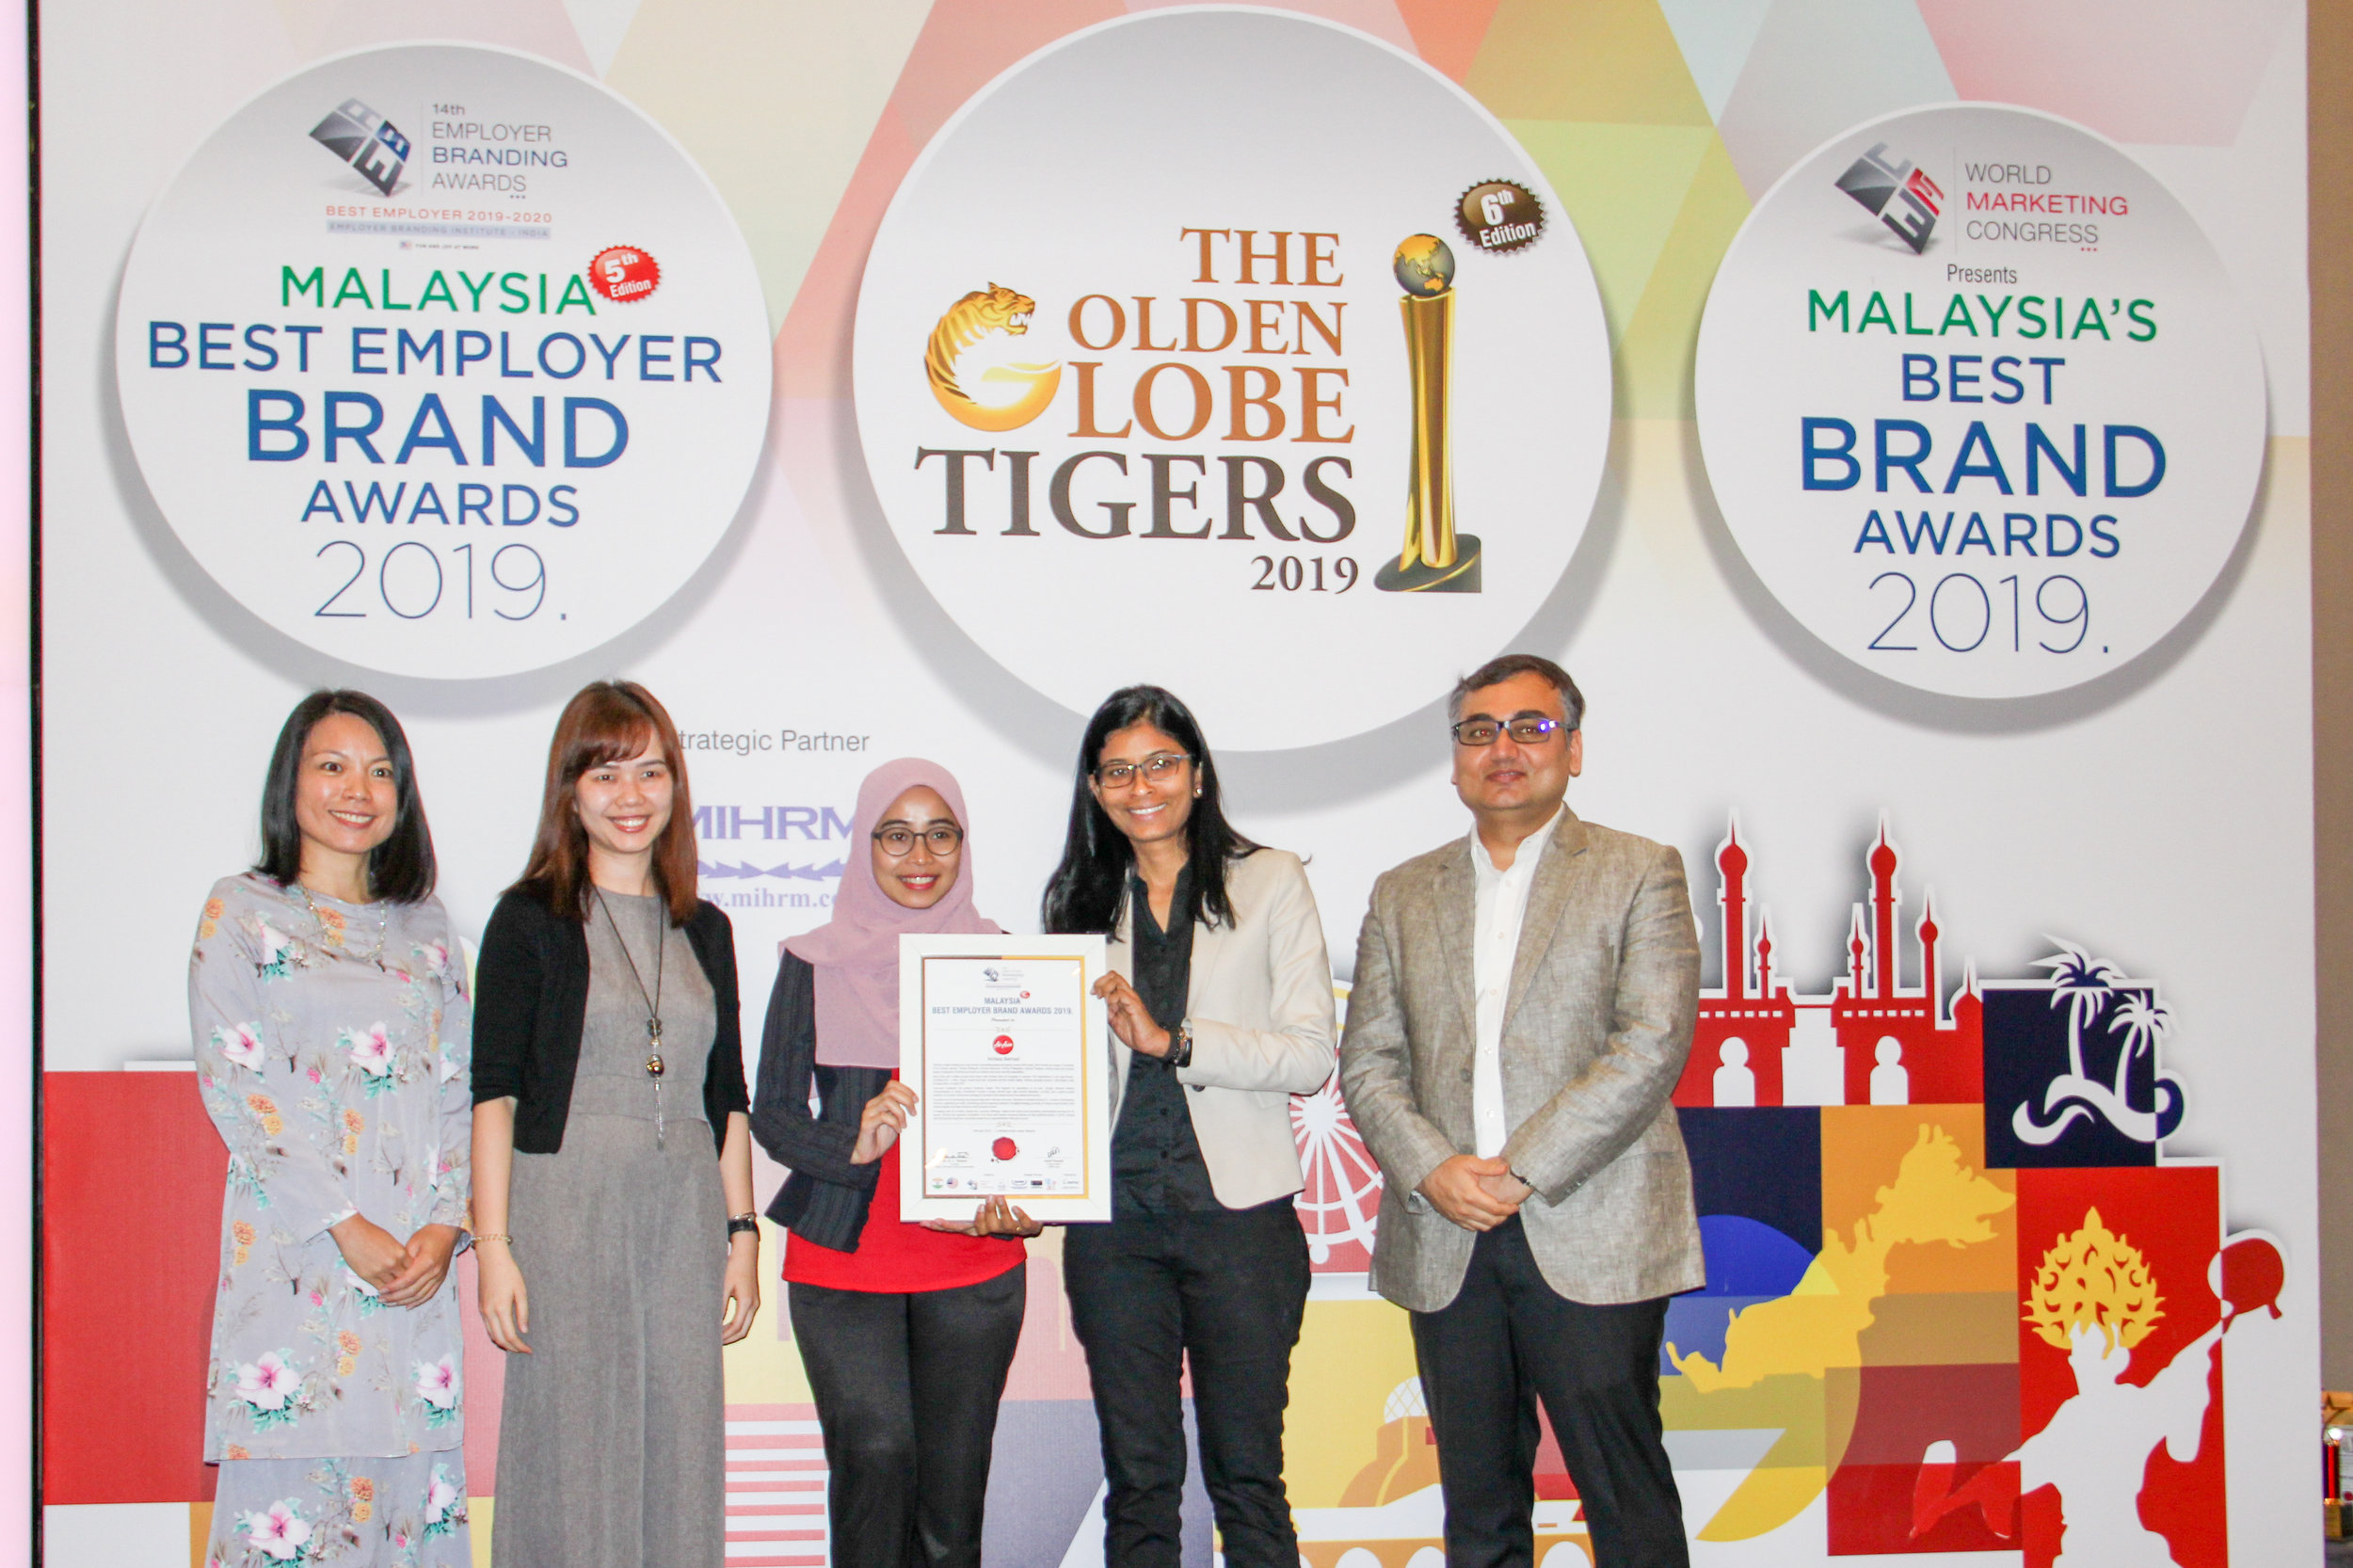 L-R (dua dari kiri): Pengurus Perkhidmatan People AirAsia Mandy Pui, Eksekutif Perkhidmatan People Nur Farhana Ibrahim dan Ketua Bahagian Culture AirAsia Renuka Kunathevan menerima Anugerah Jenama Majikan Terbaik Malaysia